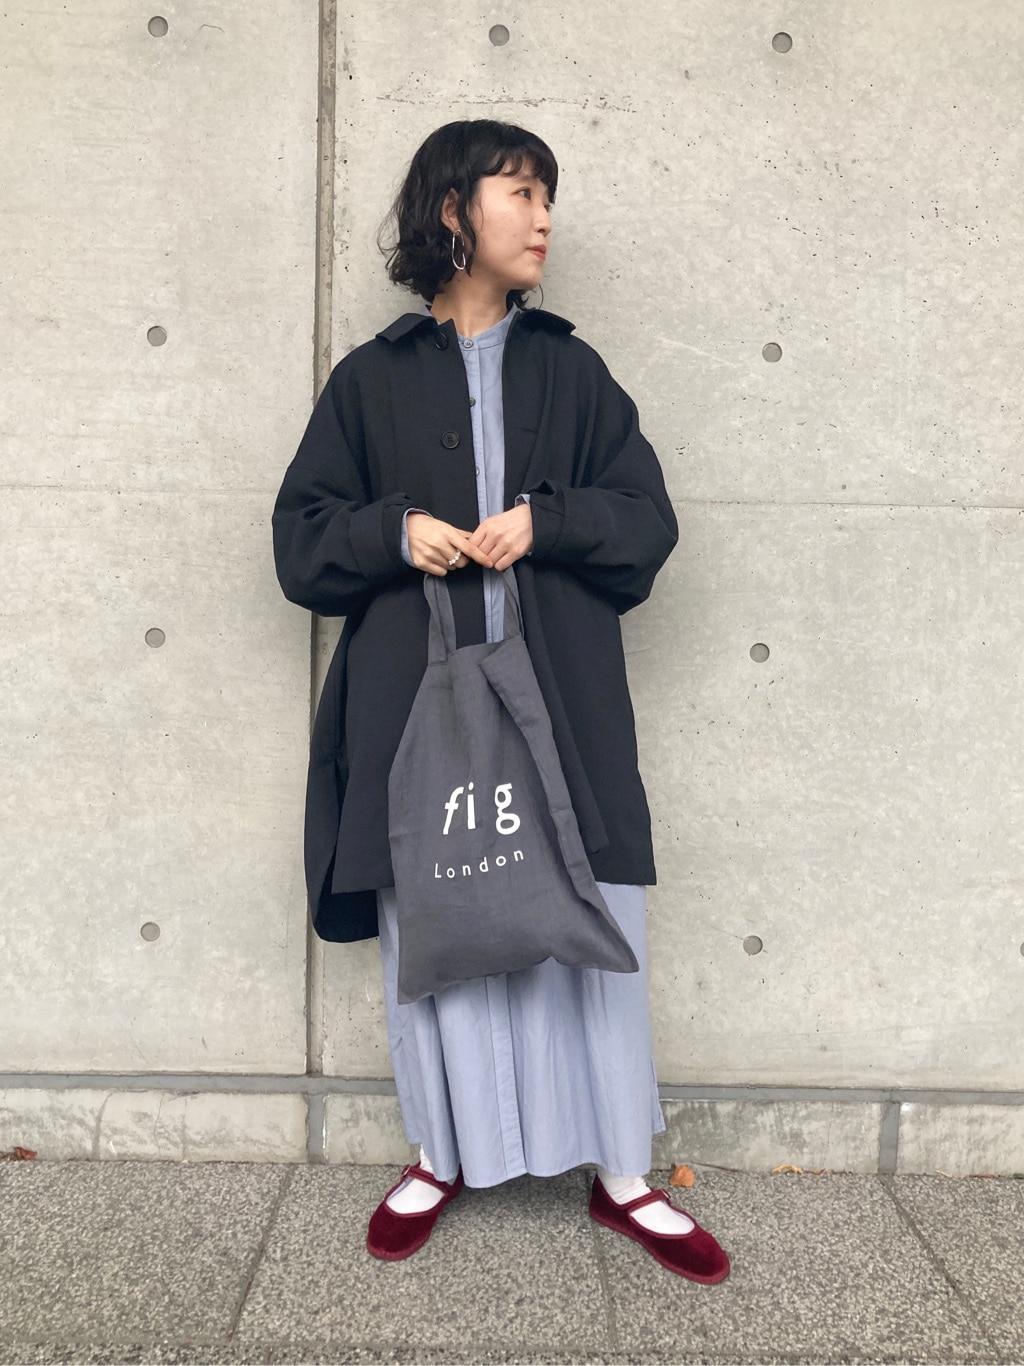 東京スカイツリータウン・ソラマチ 2020.10.08